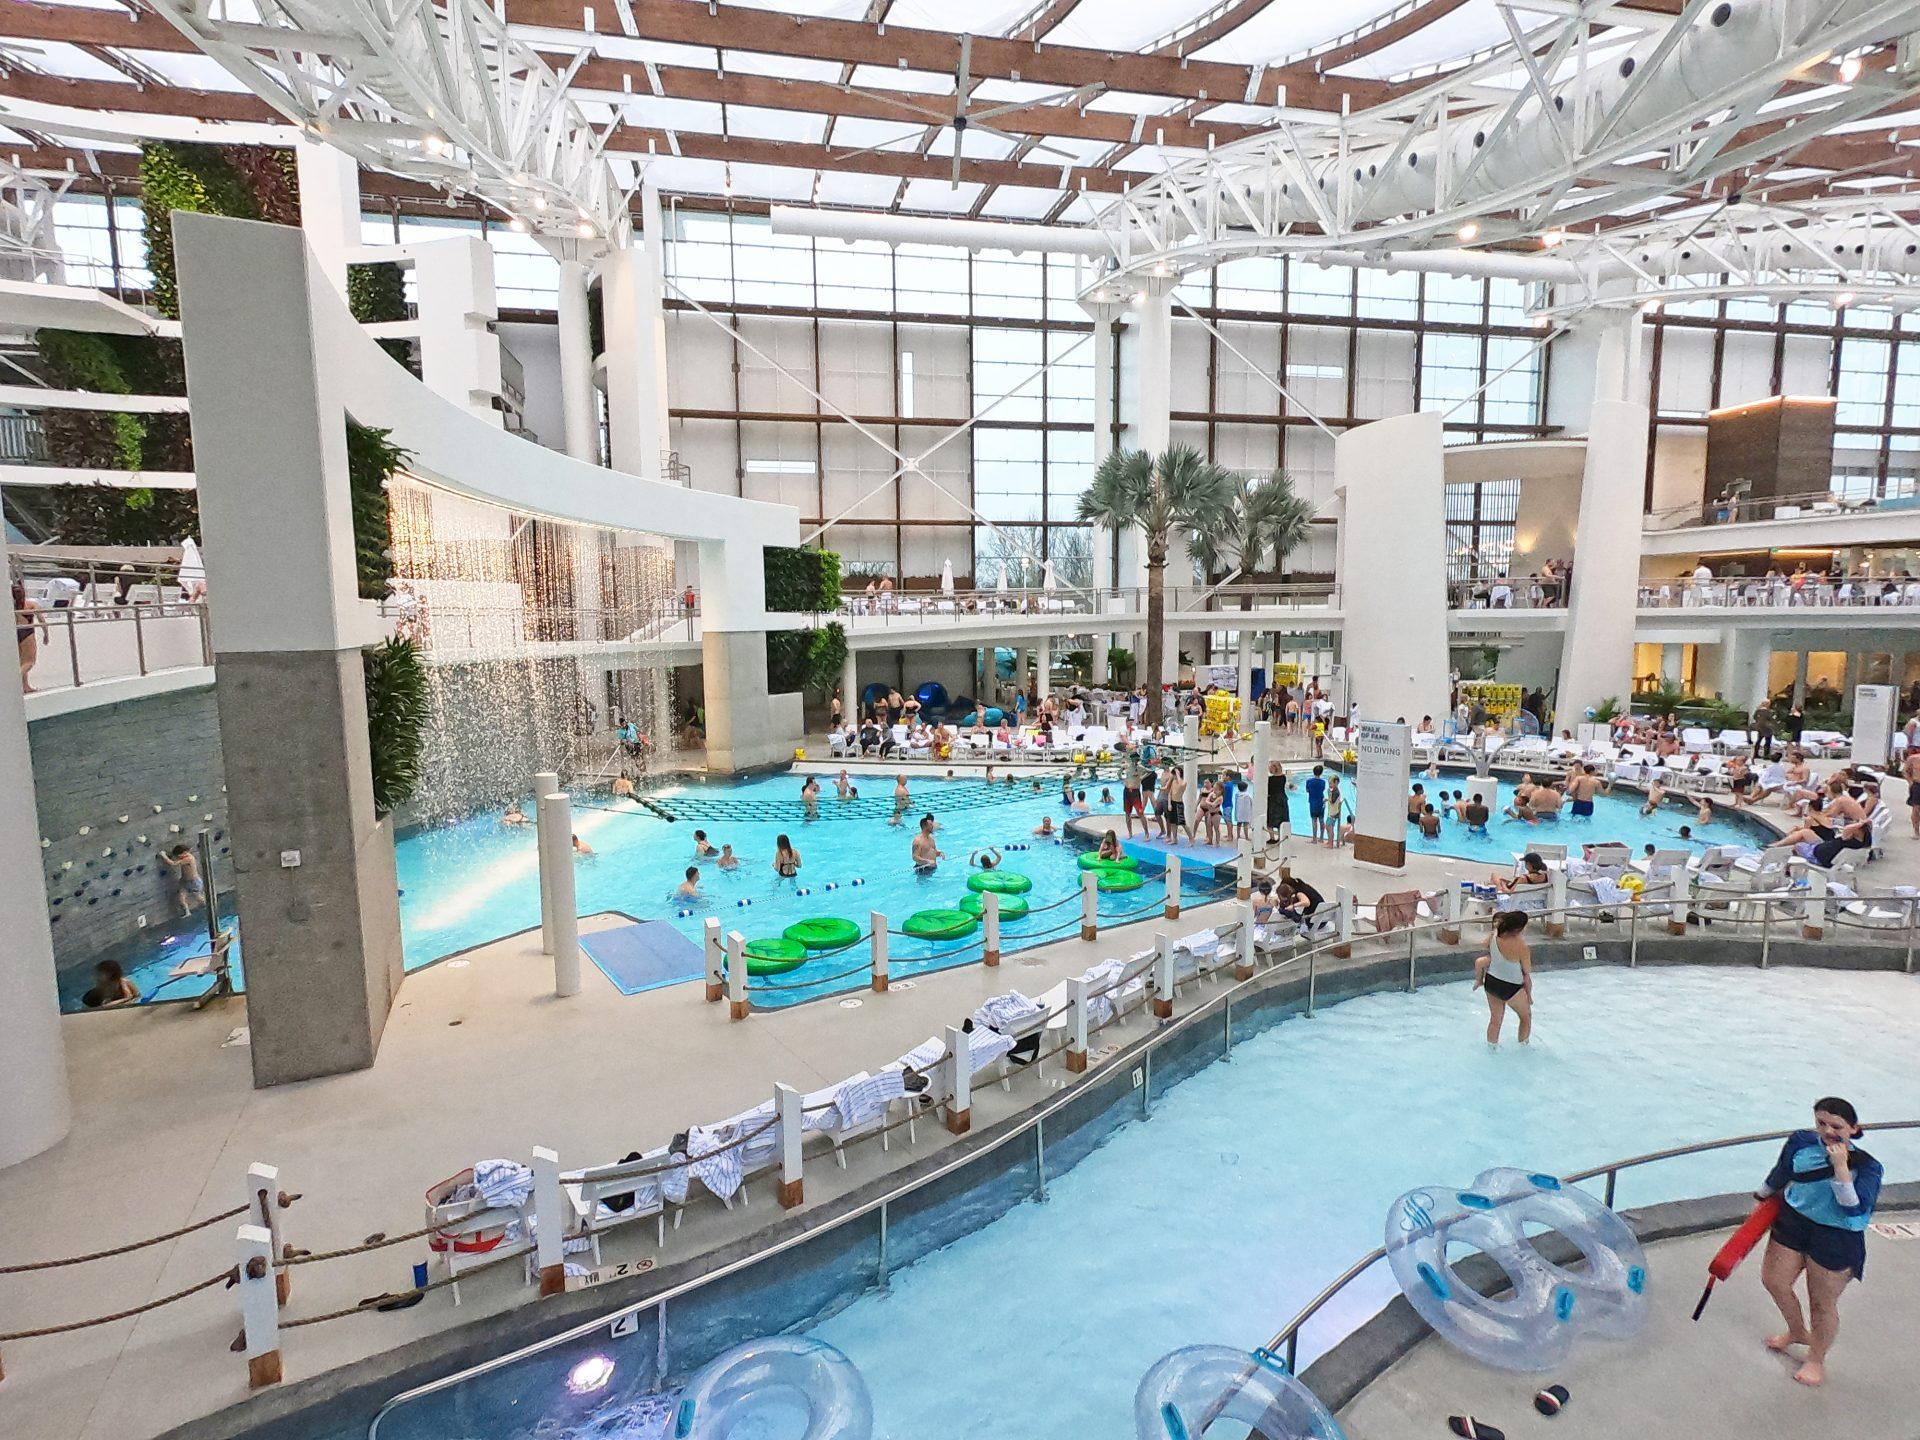 gaylord resort indoor water park